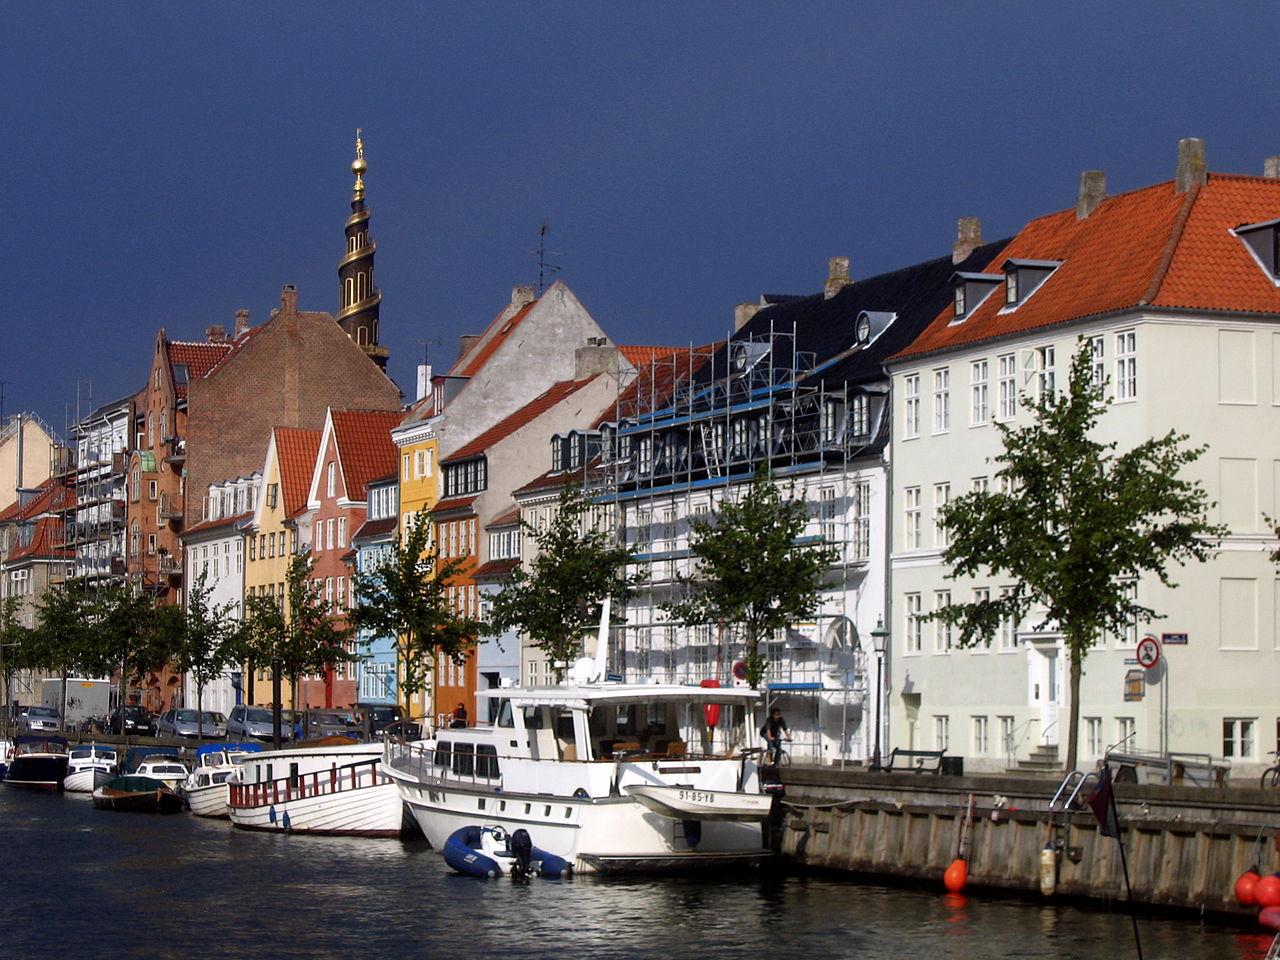 Auf Welcher Insel Liegt Kopenhagen